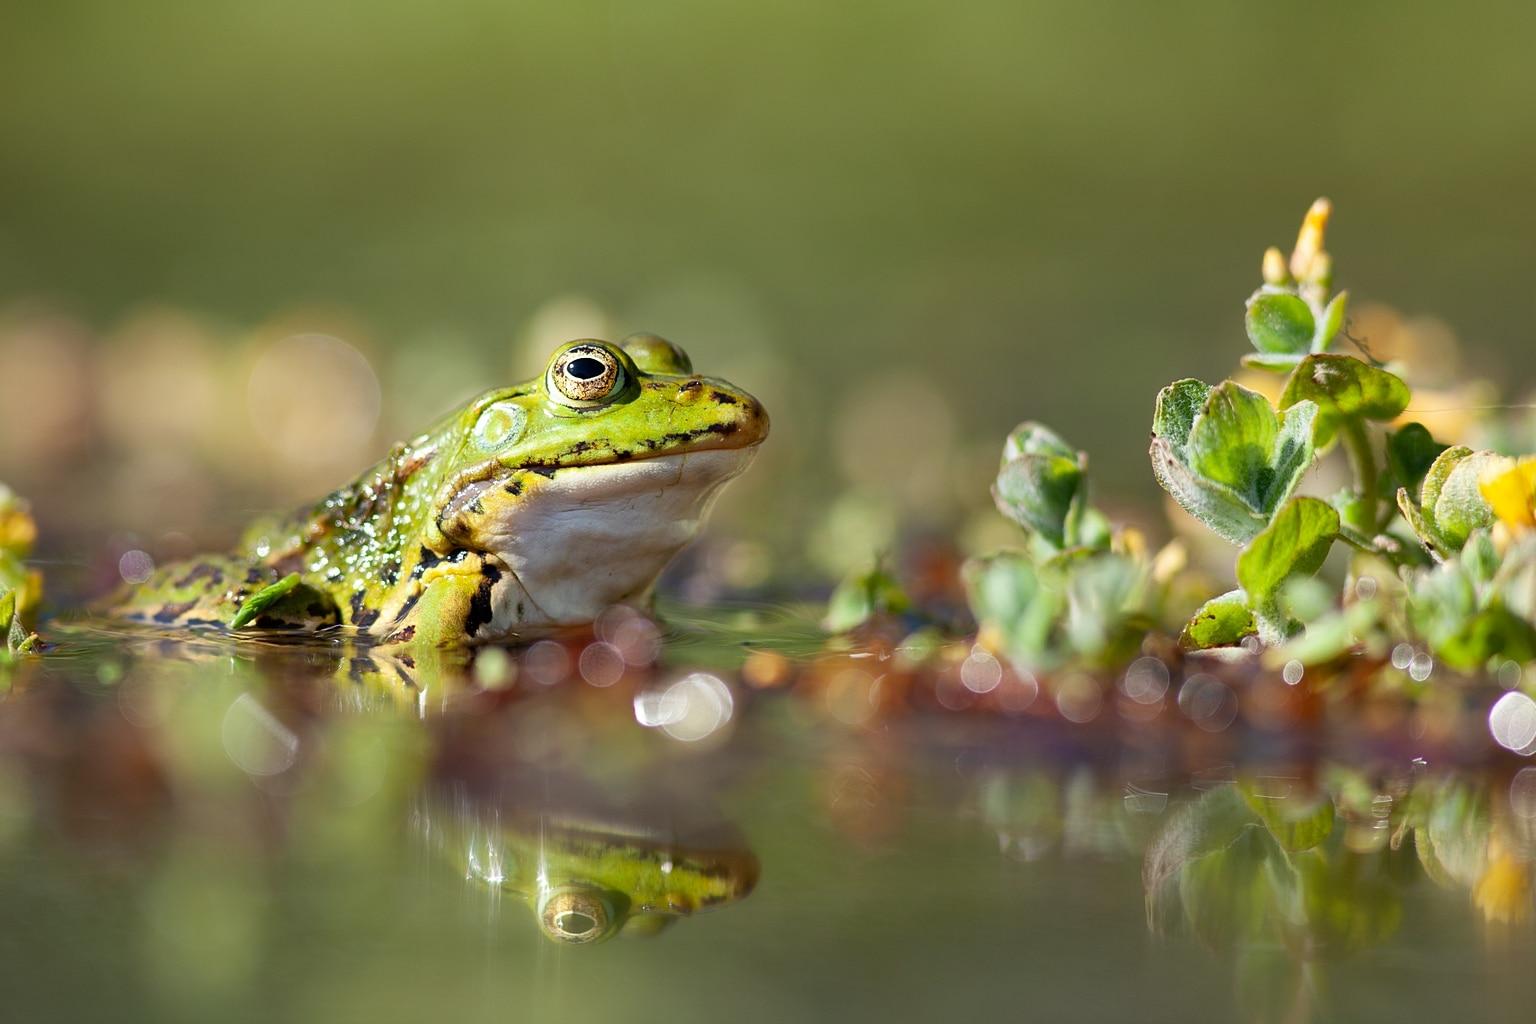 Le Festival de la photo animalière Ti menez Are en attente de beaux clichés des zones humides